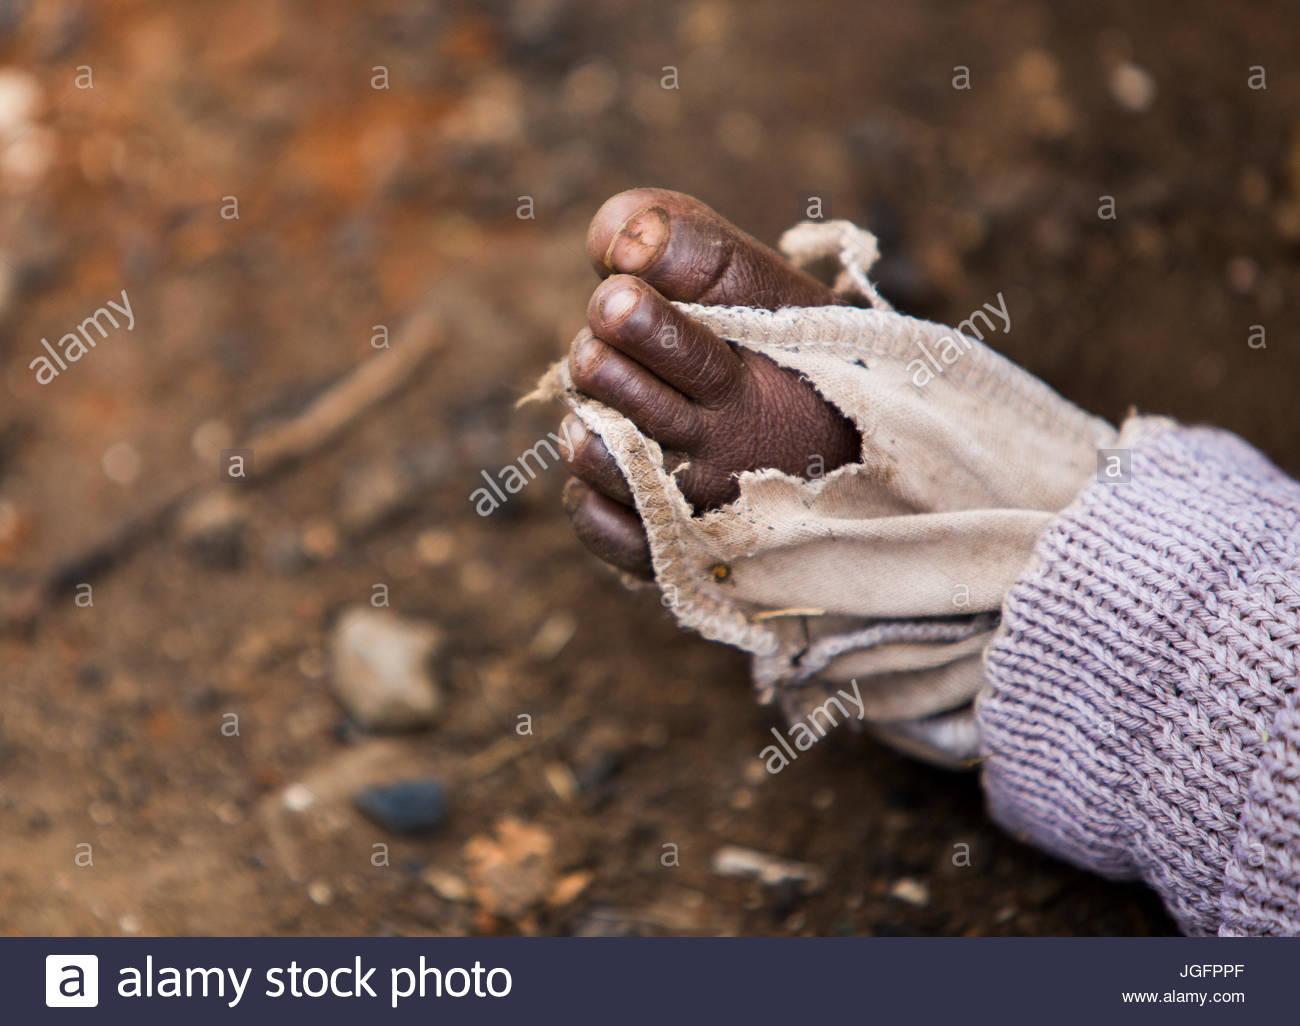 Le pied de l'enfant est enveloppée de tissu en l'absence de chaussures. Photo Stock